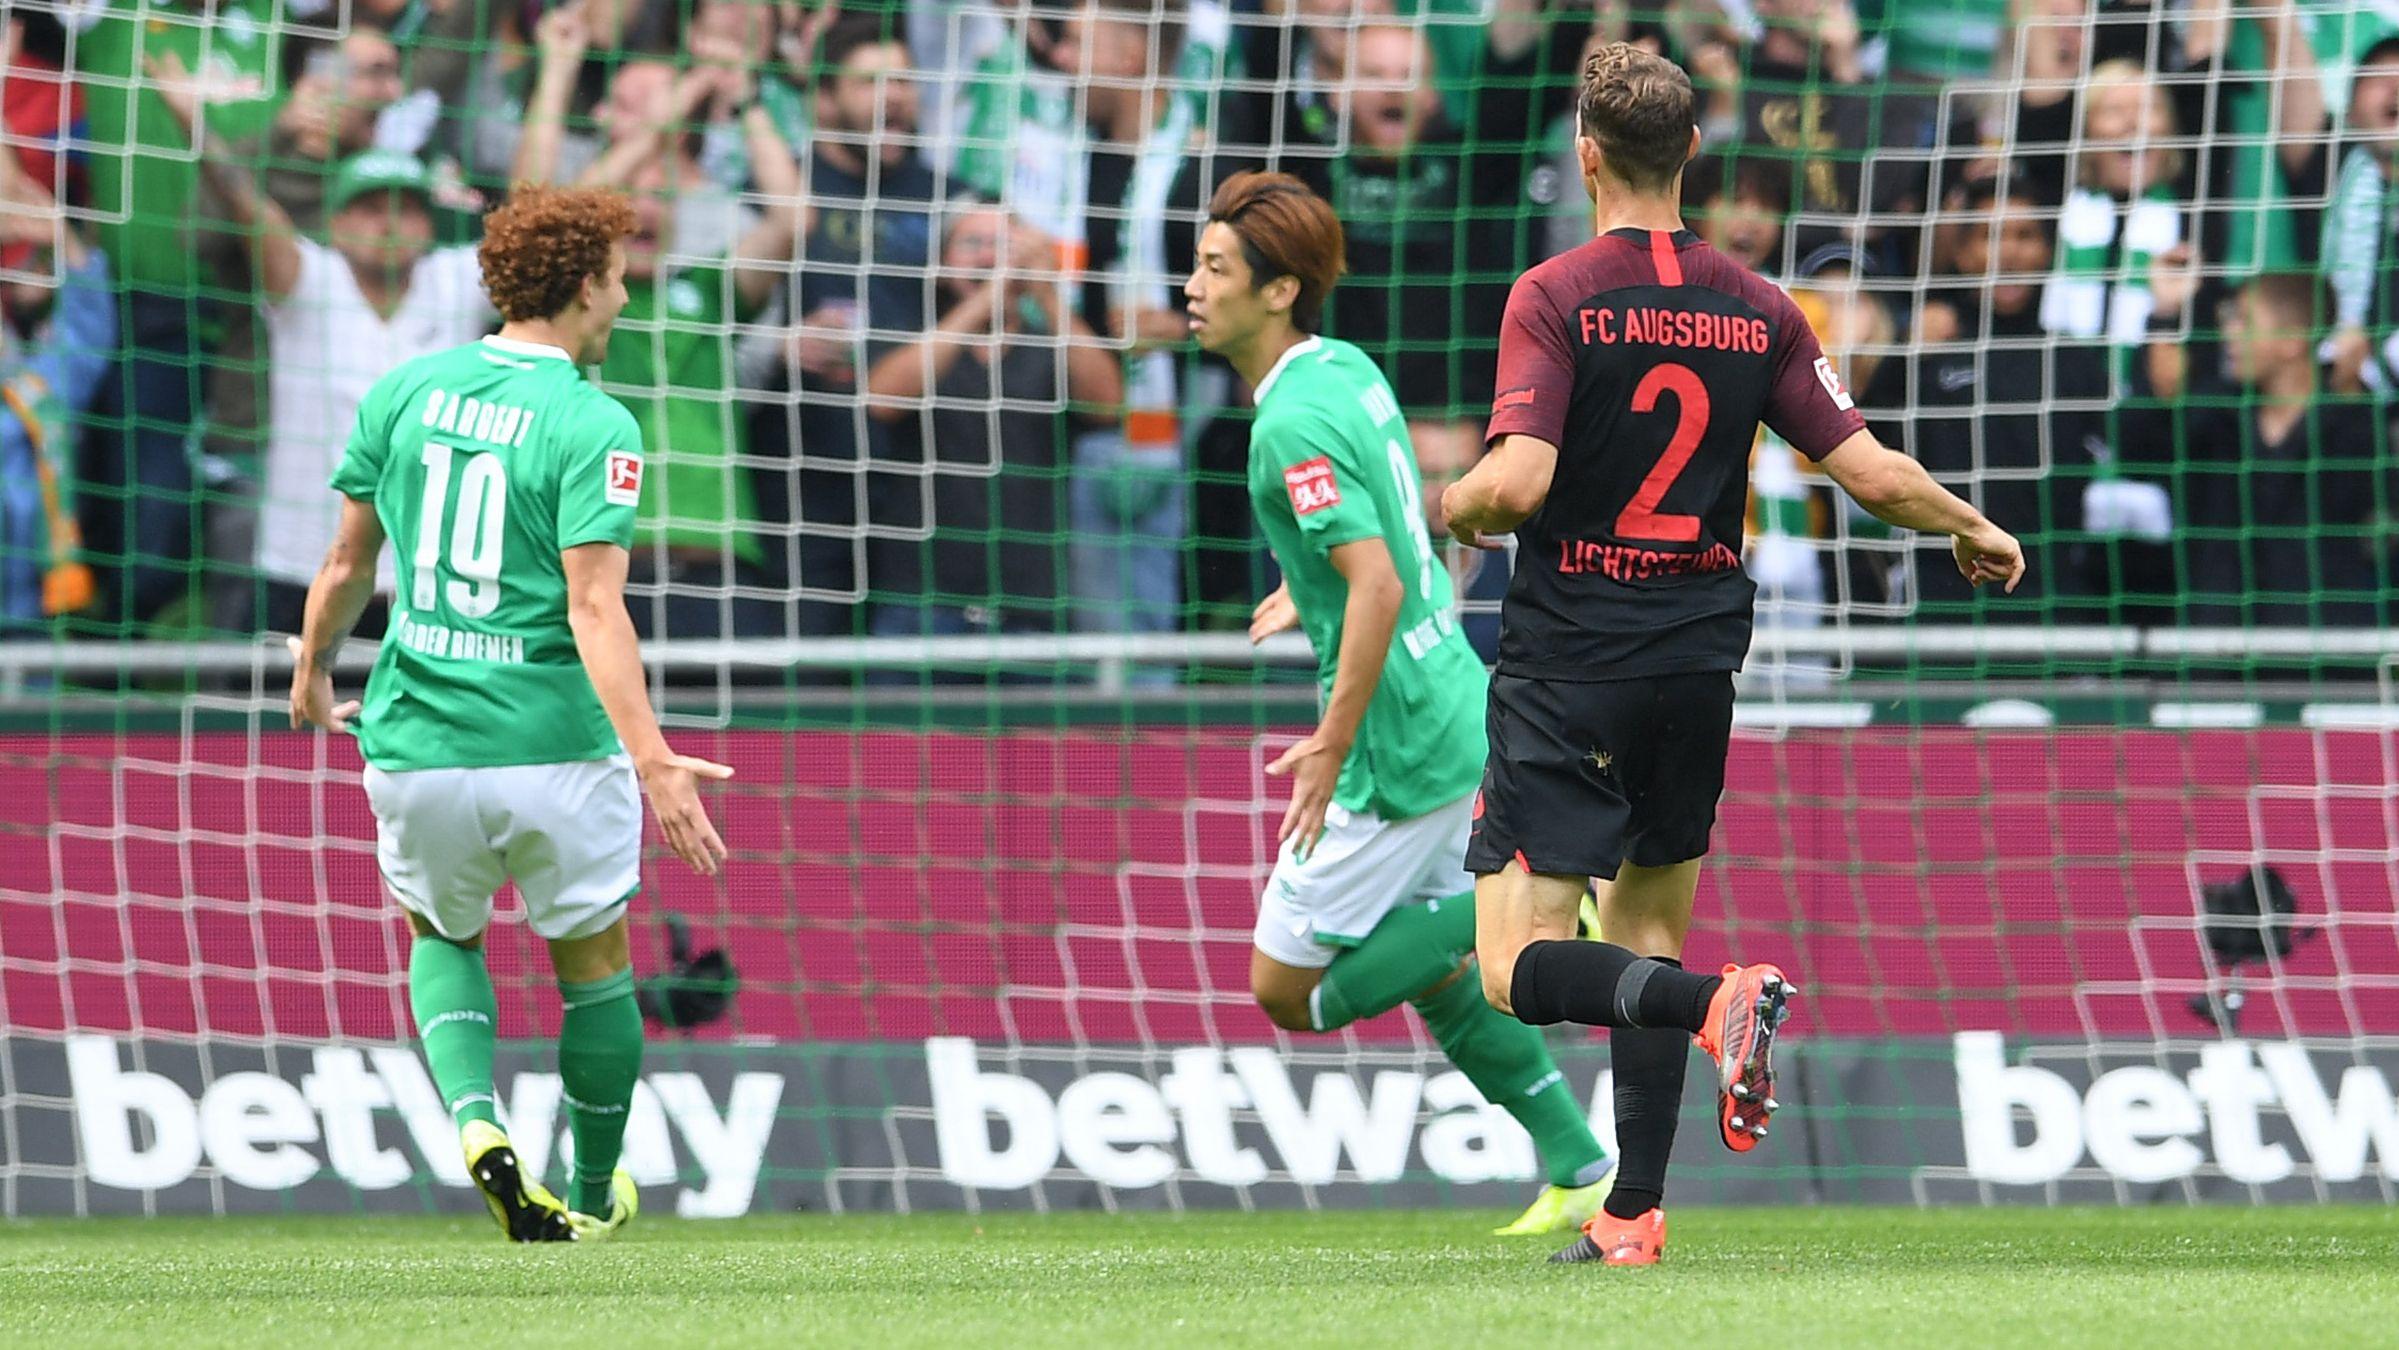 Spielszene Bremen - Augsburg